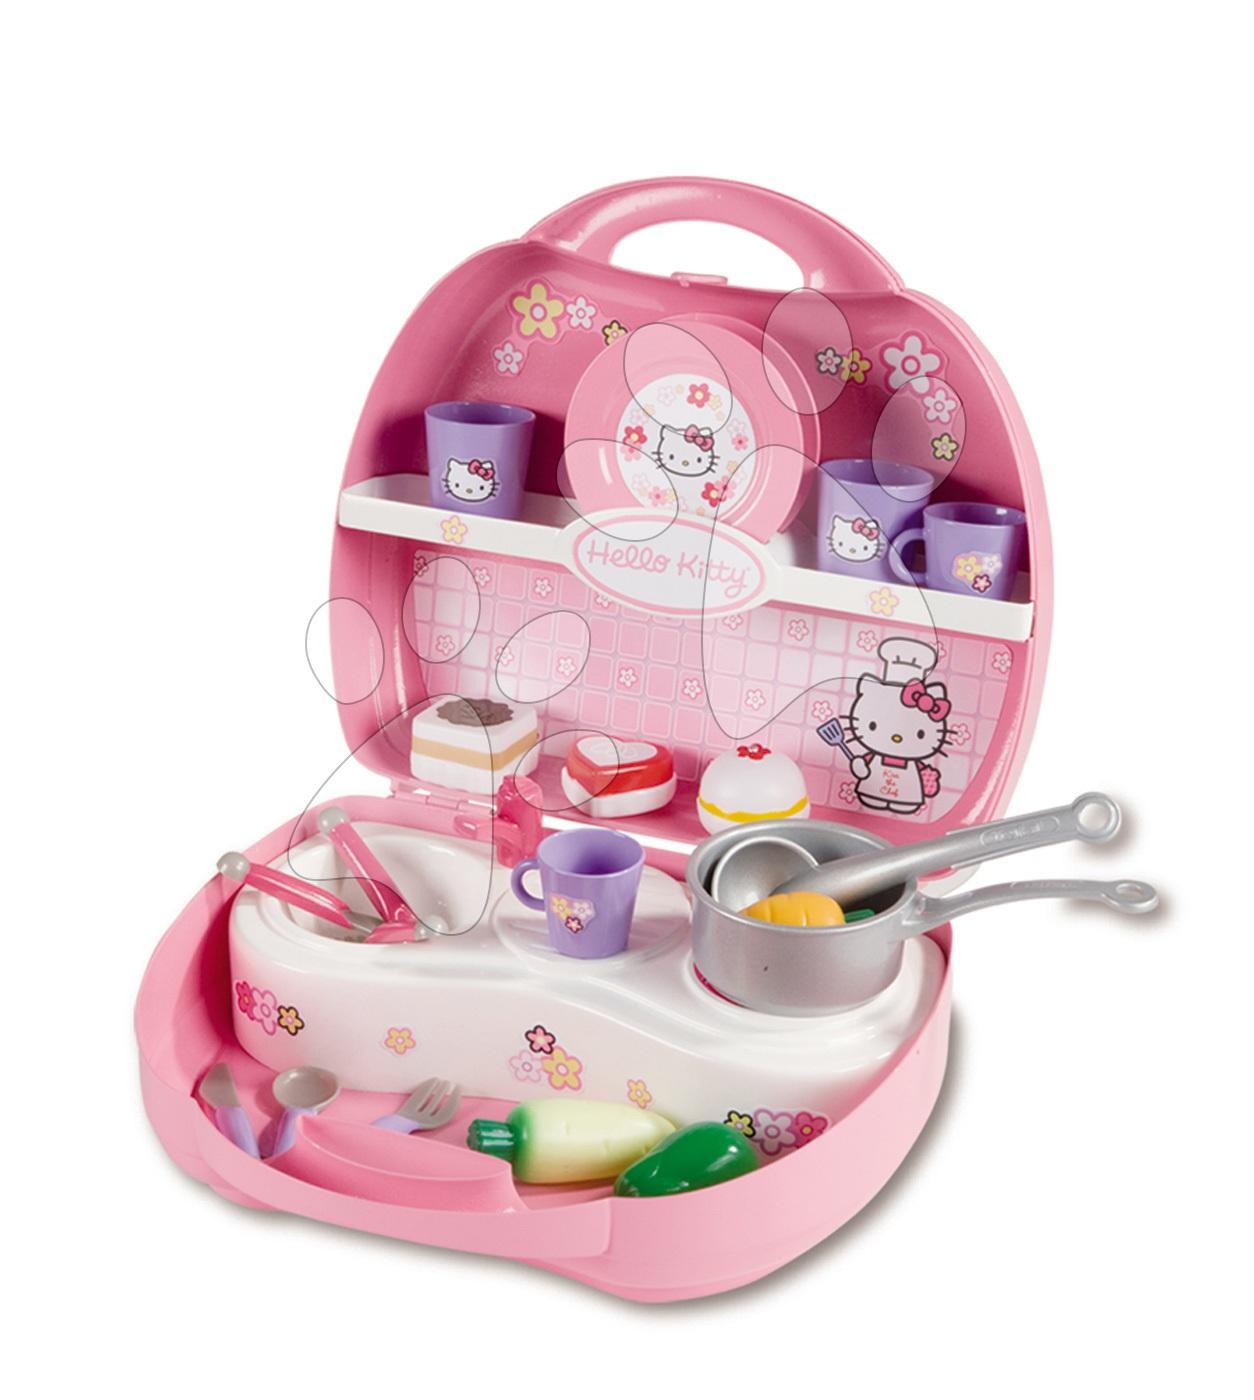 Egyszerű játékkonyhák - Játékkonyha Hello Kitty Mini Cuisine Smoby kofferban 20 kiegészítővel világos rózsaszín